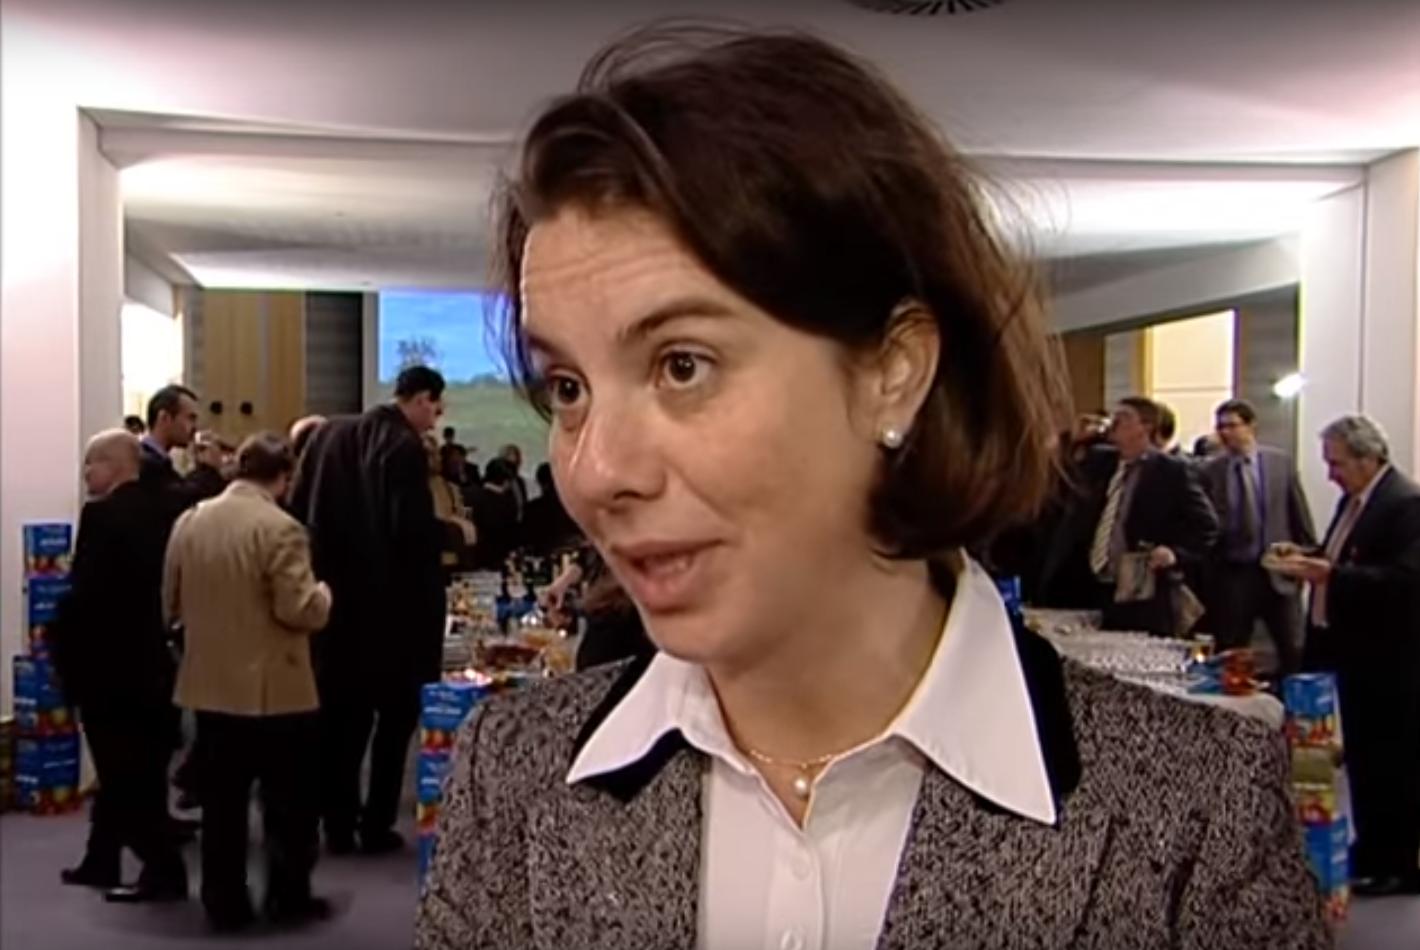 Nagykövetet csinálna Dobolyi Alexandrából a külügyminisztérium